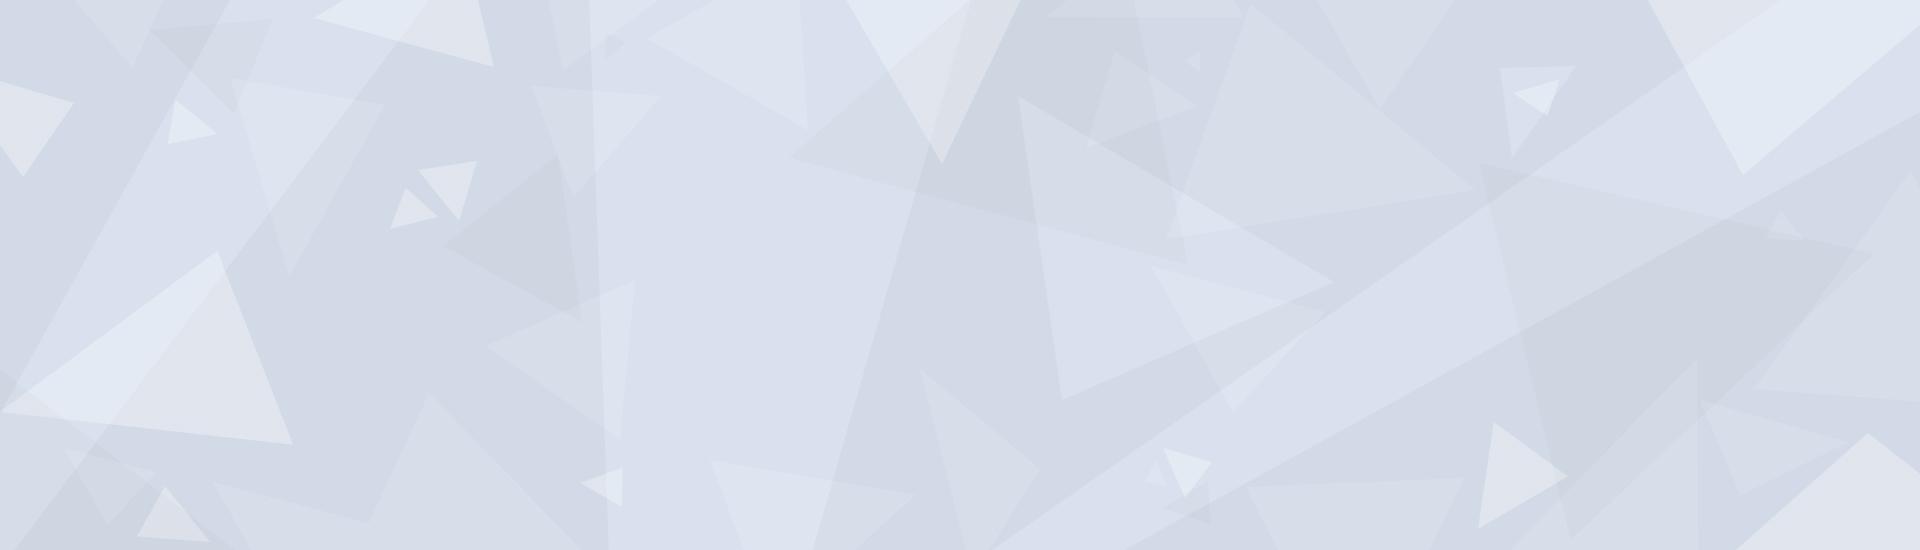 Ako - VSLeague Online eSport